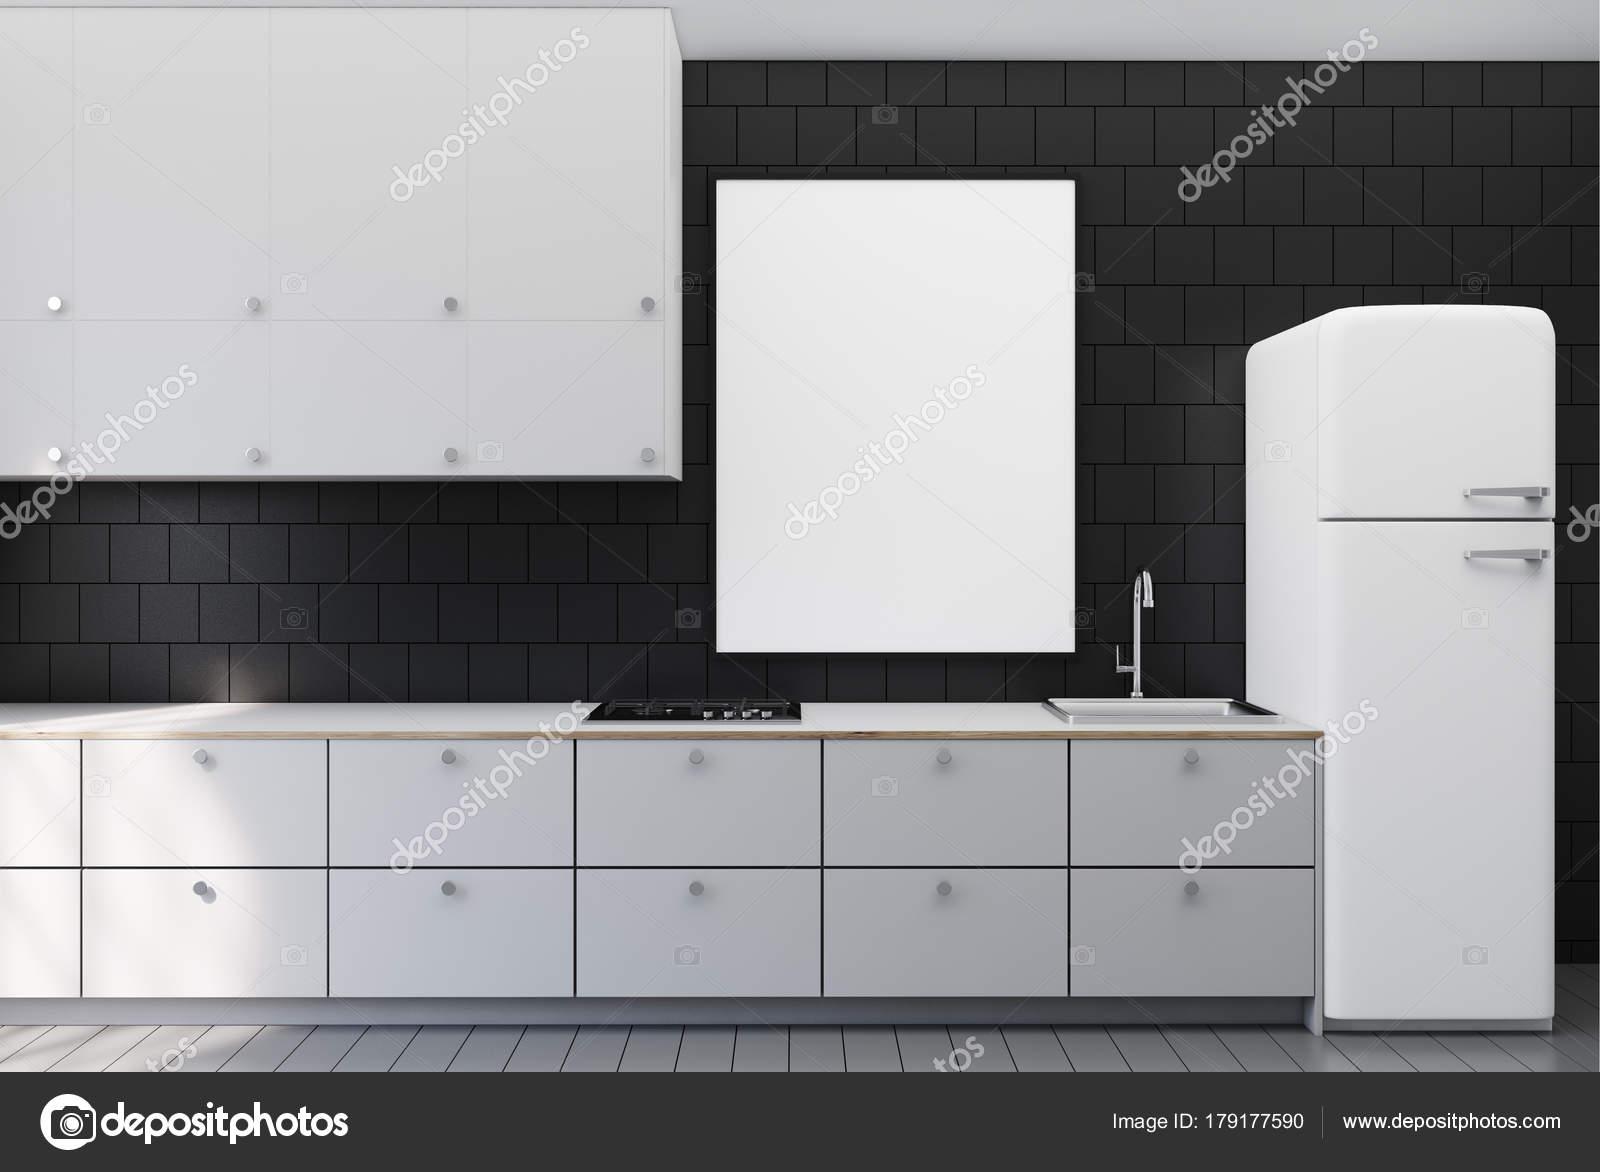 Nero piastrelle cucina poster u2014 foto stock © denisismagilov #179177590